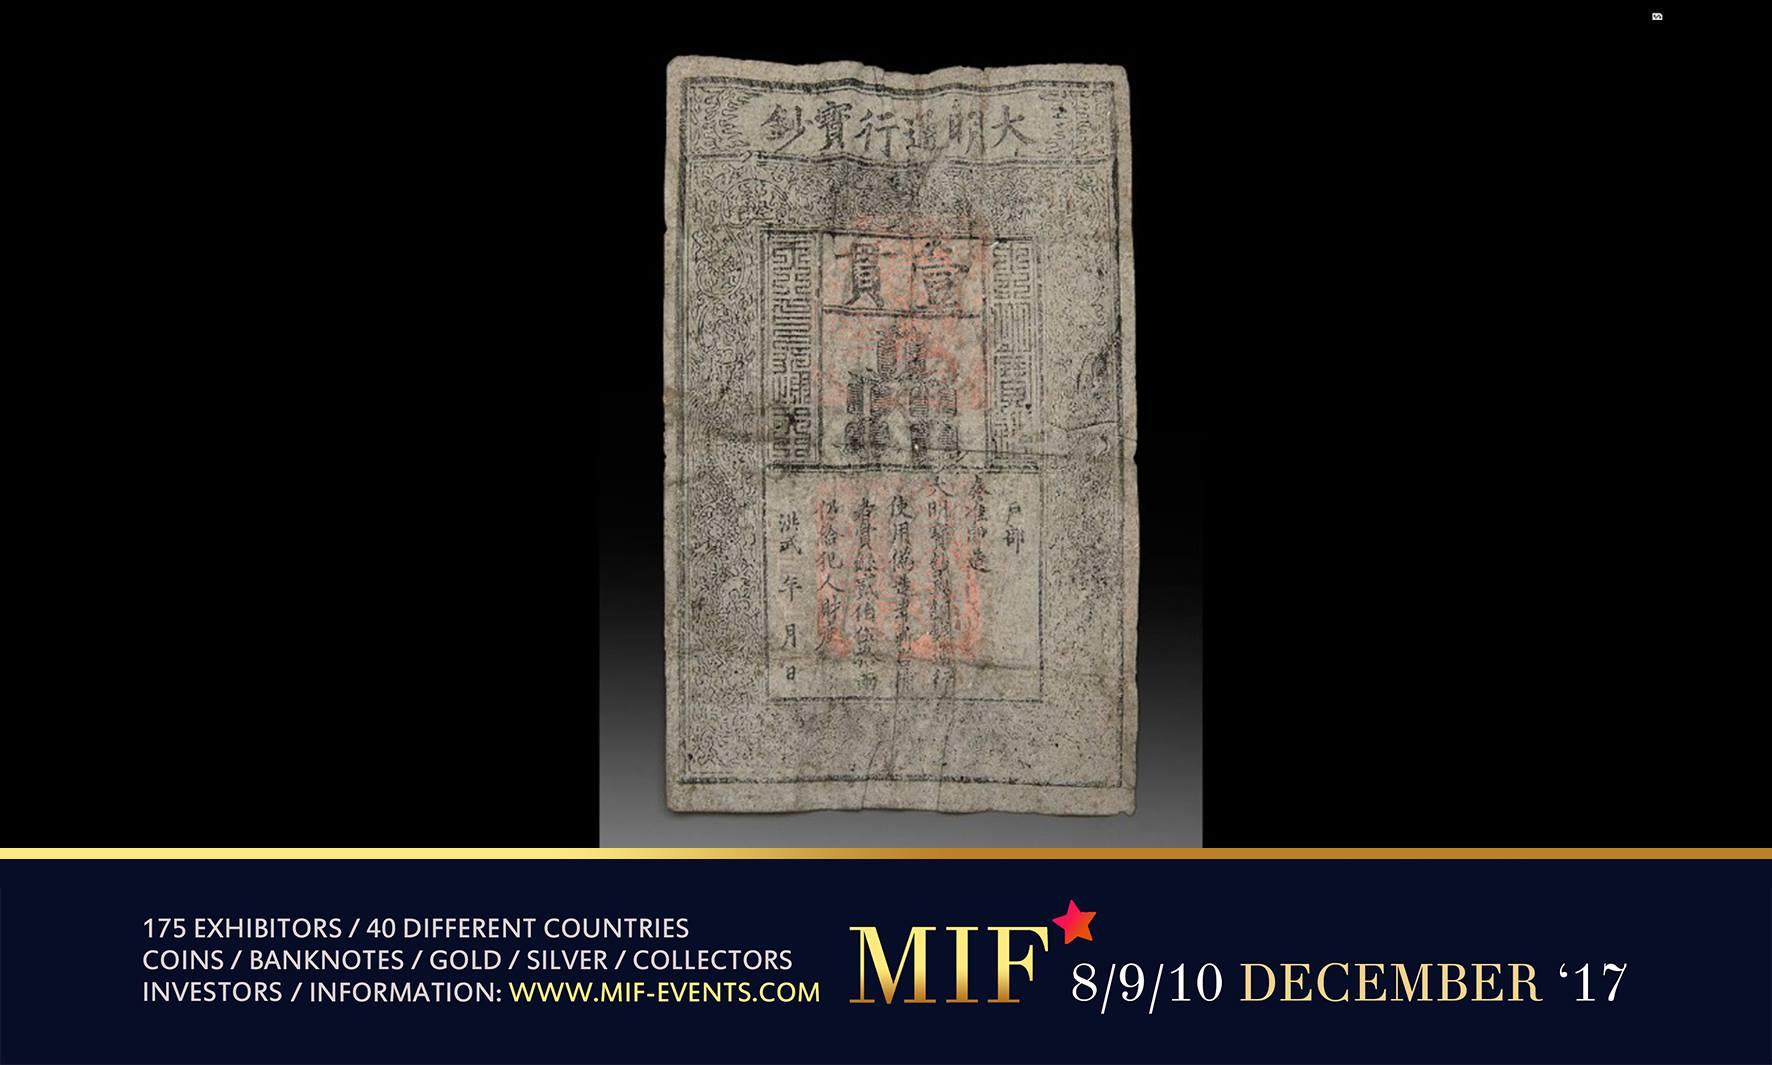 Maastricht International Fair - Bankbiljetten en hun historische achtergrond